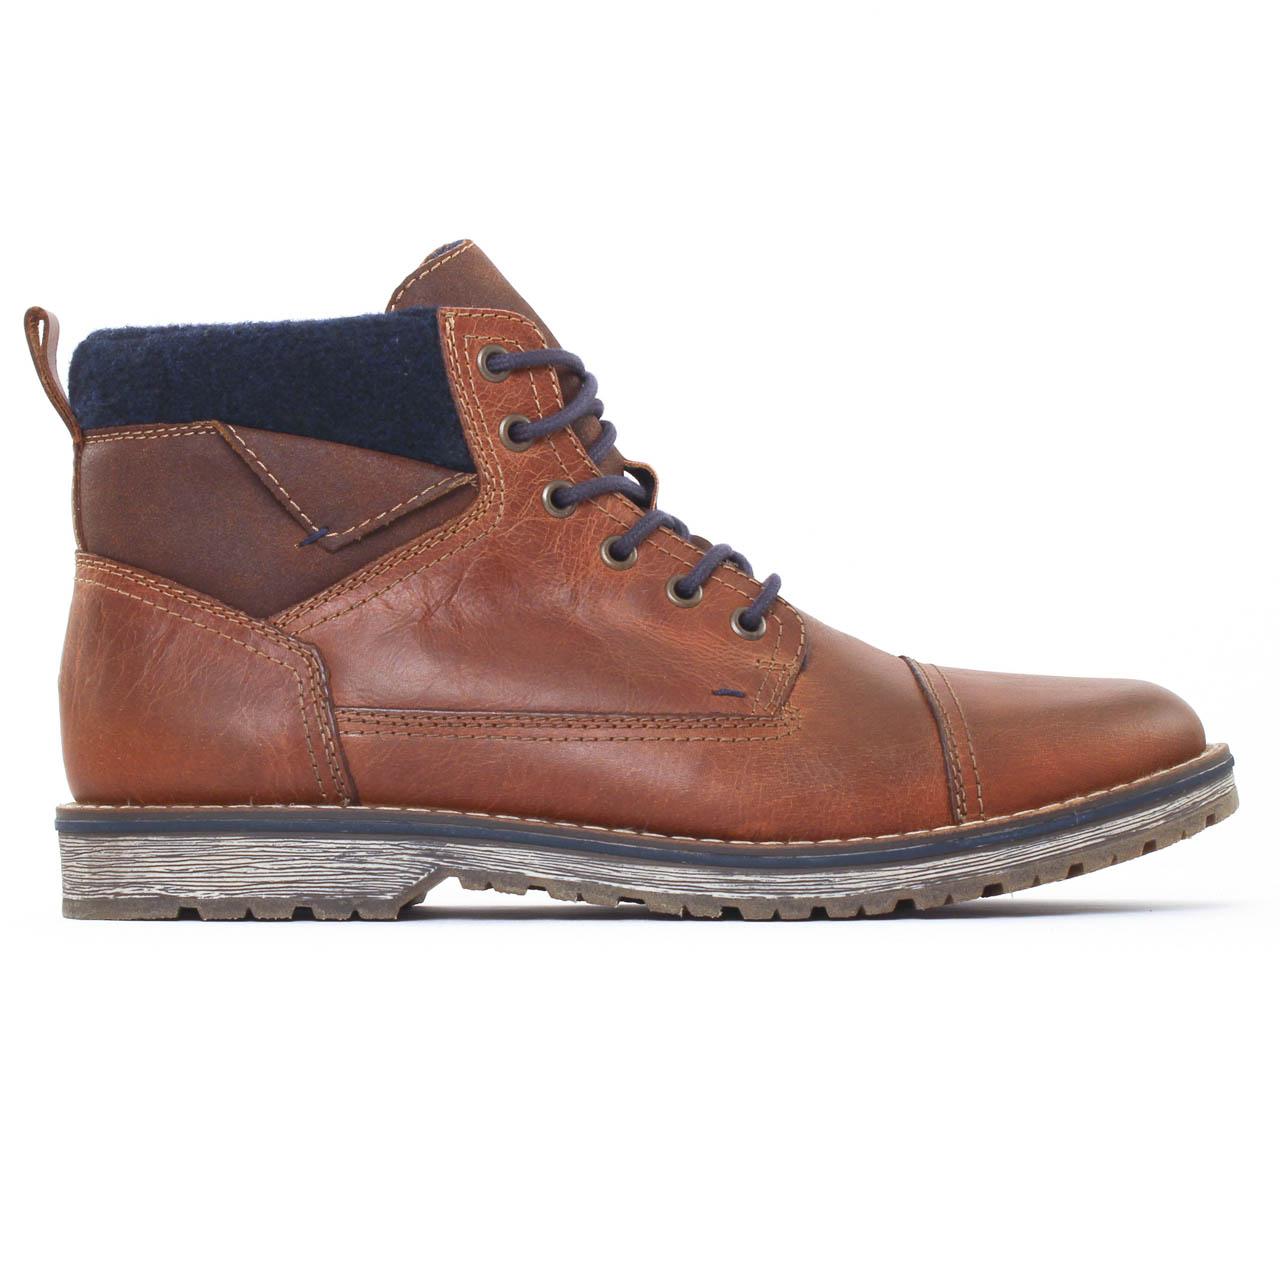 c57e39f7d4c0 Rieker 39230 Marron | chaussure montantes marron automne hiver chez ...